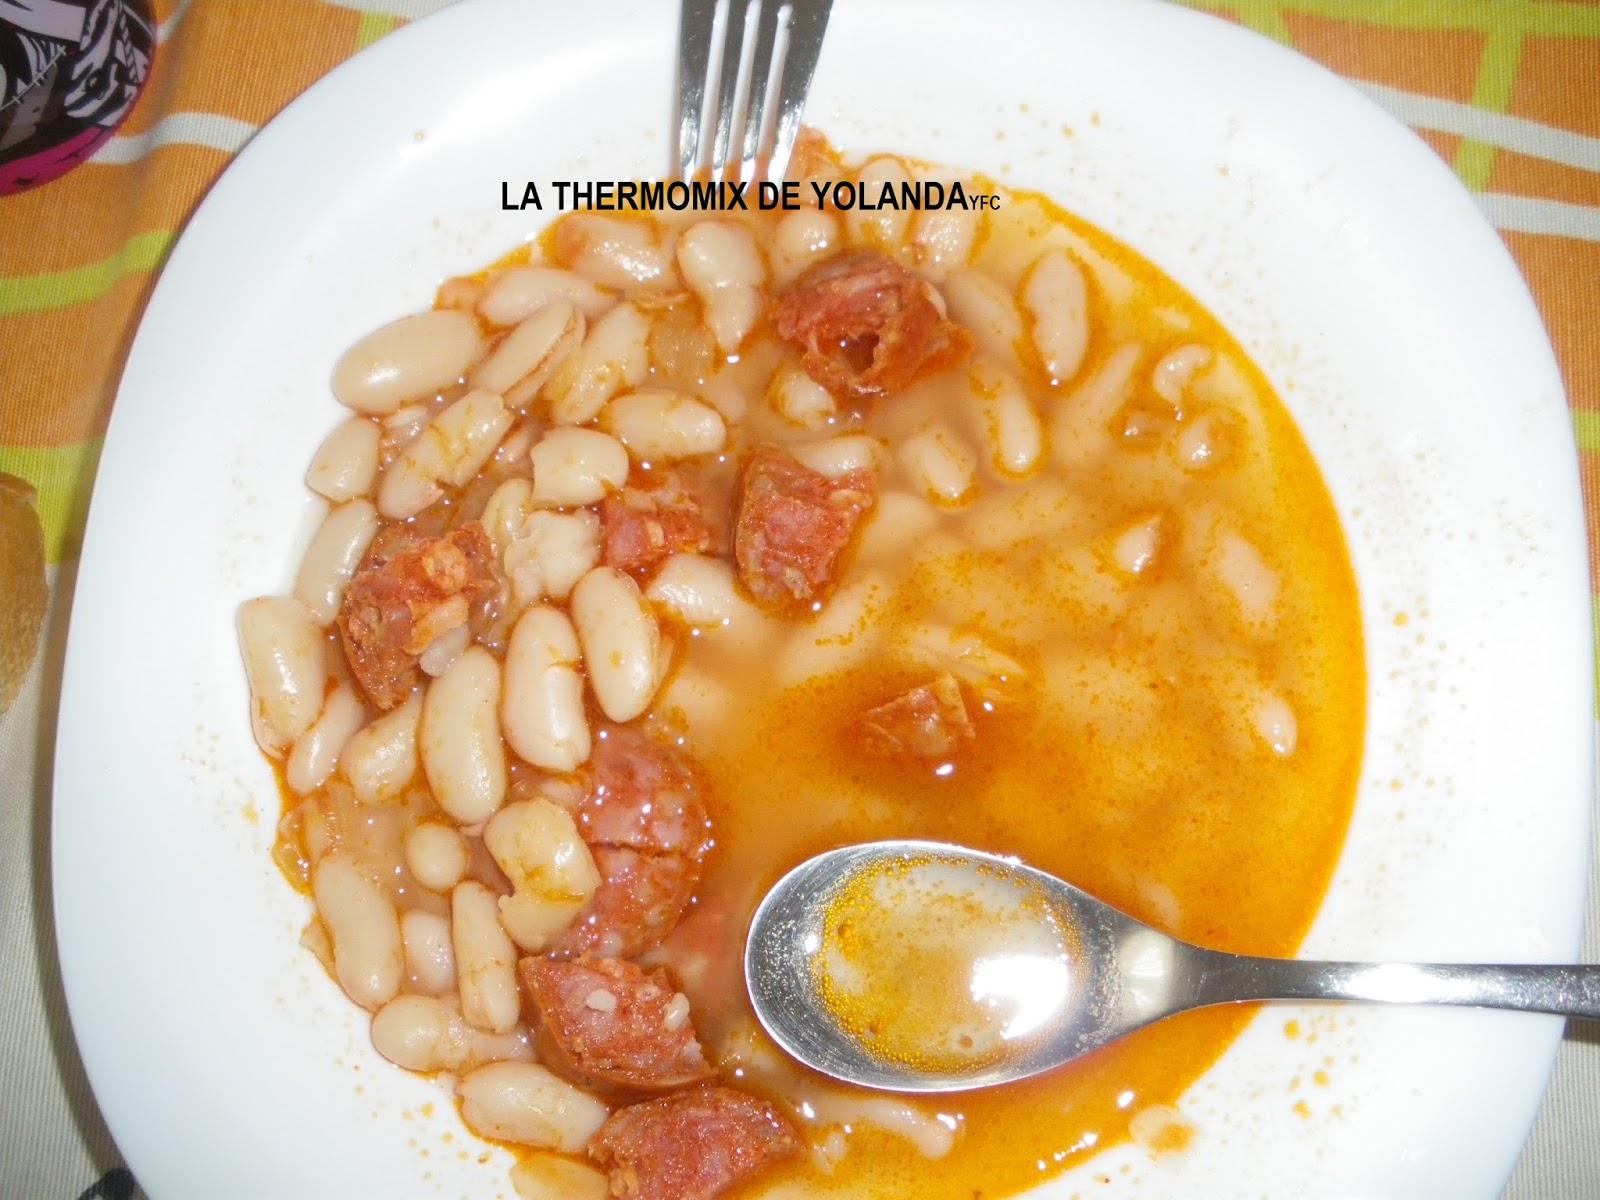 La thermomix de yolanda judias con chorizo - Judias con chorizo y patatas ...